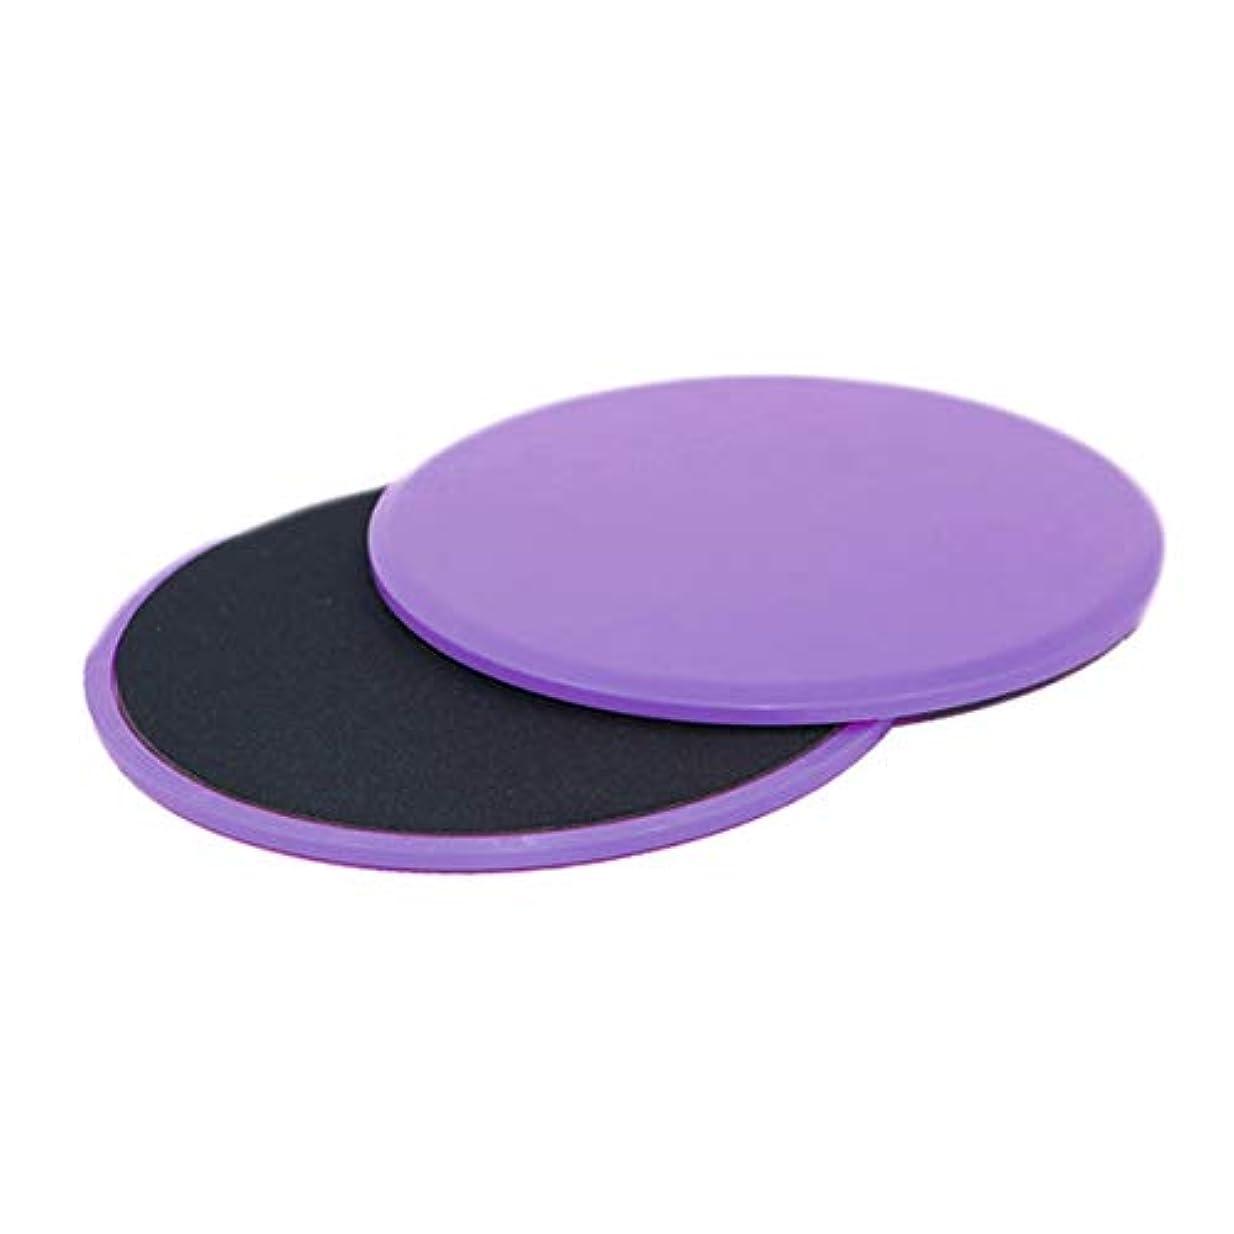 枯れる負荷染色フィットネススライドグライディングディスク調整能力フィットネスエクササイズスライダーコアトレーニング腹部と全身トレーニング - パープル